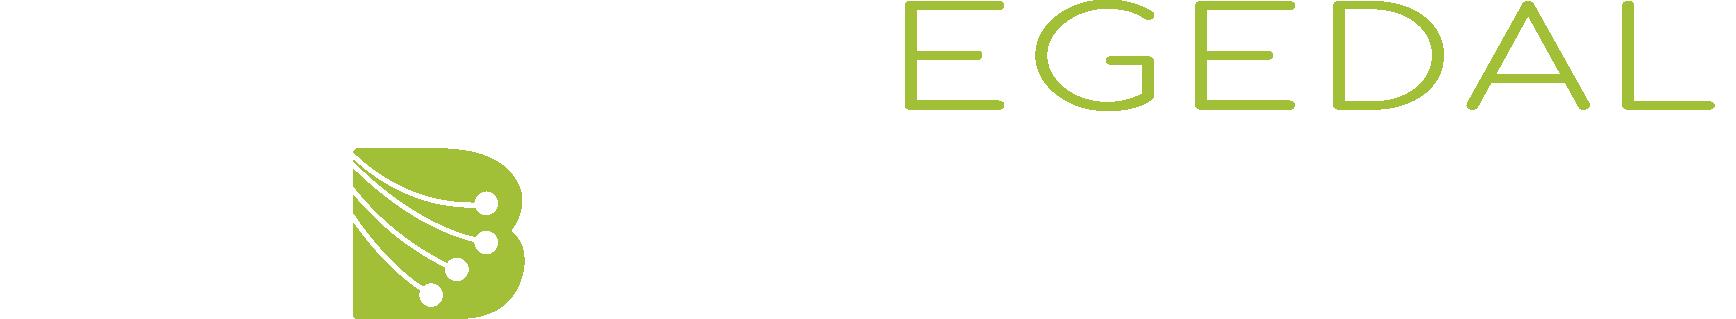 Egedal Fibernet